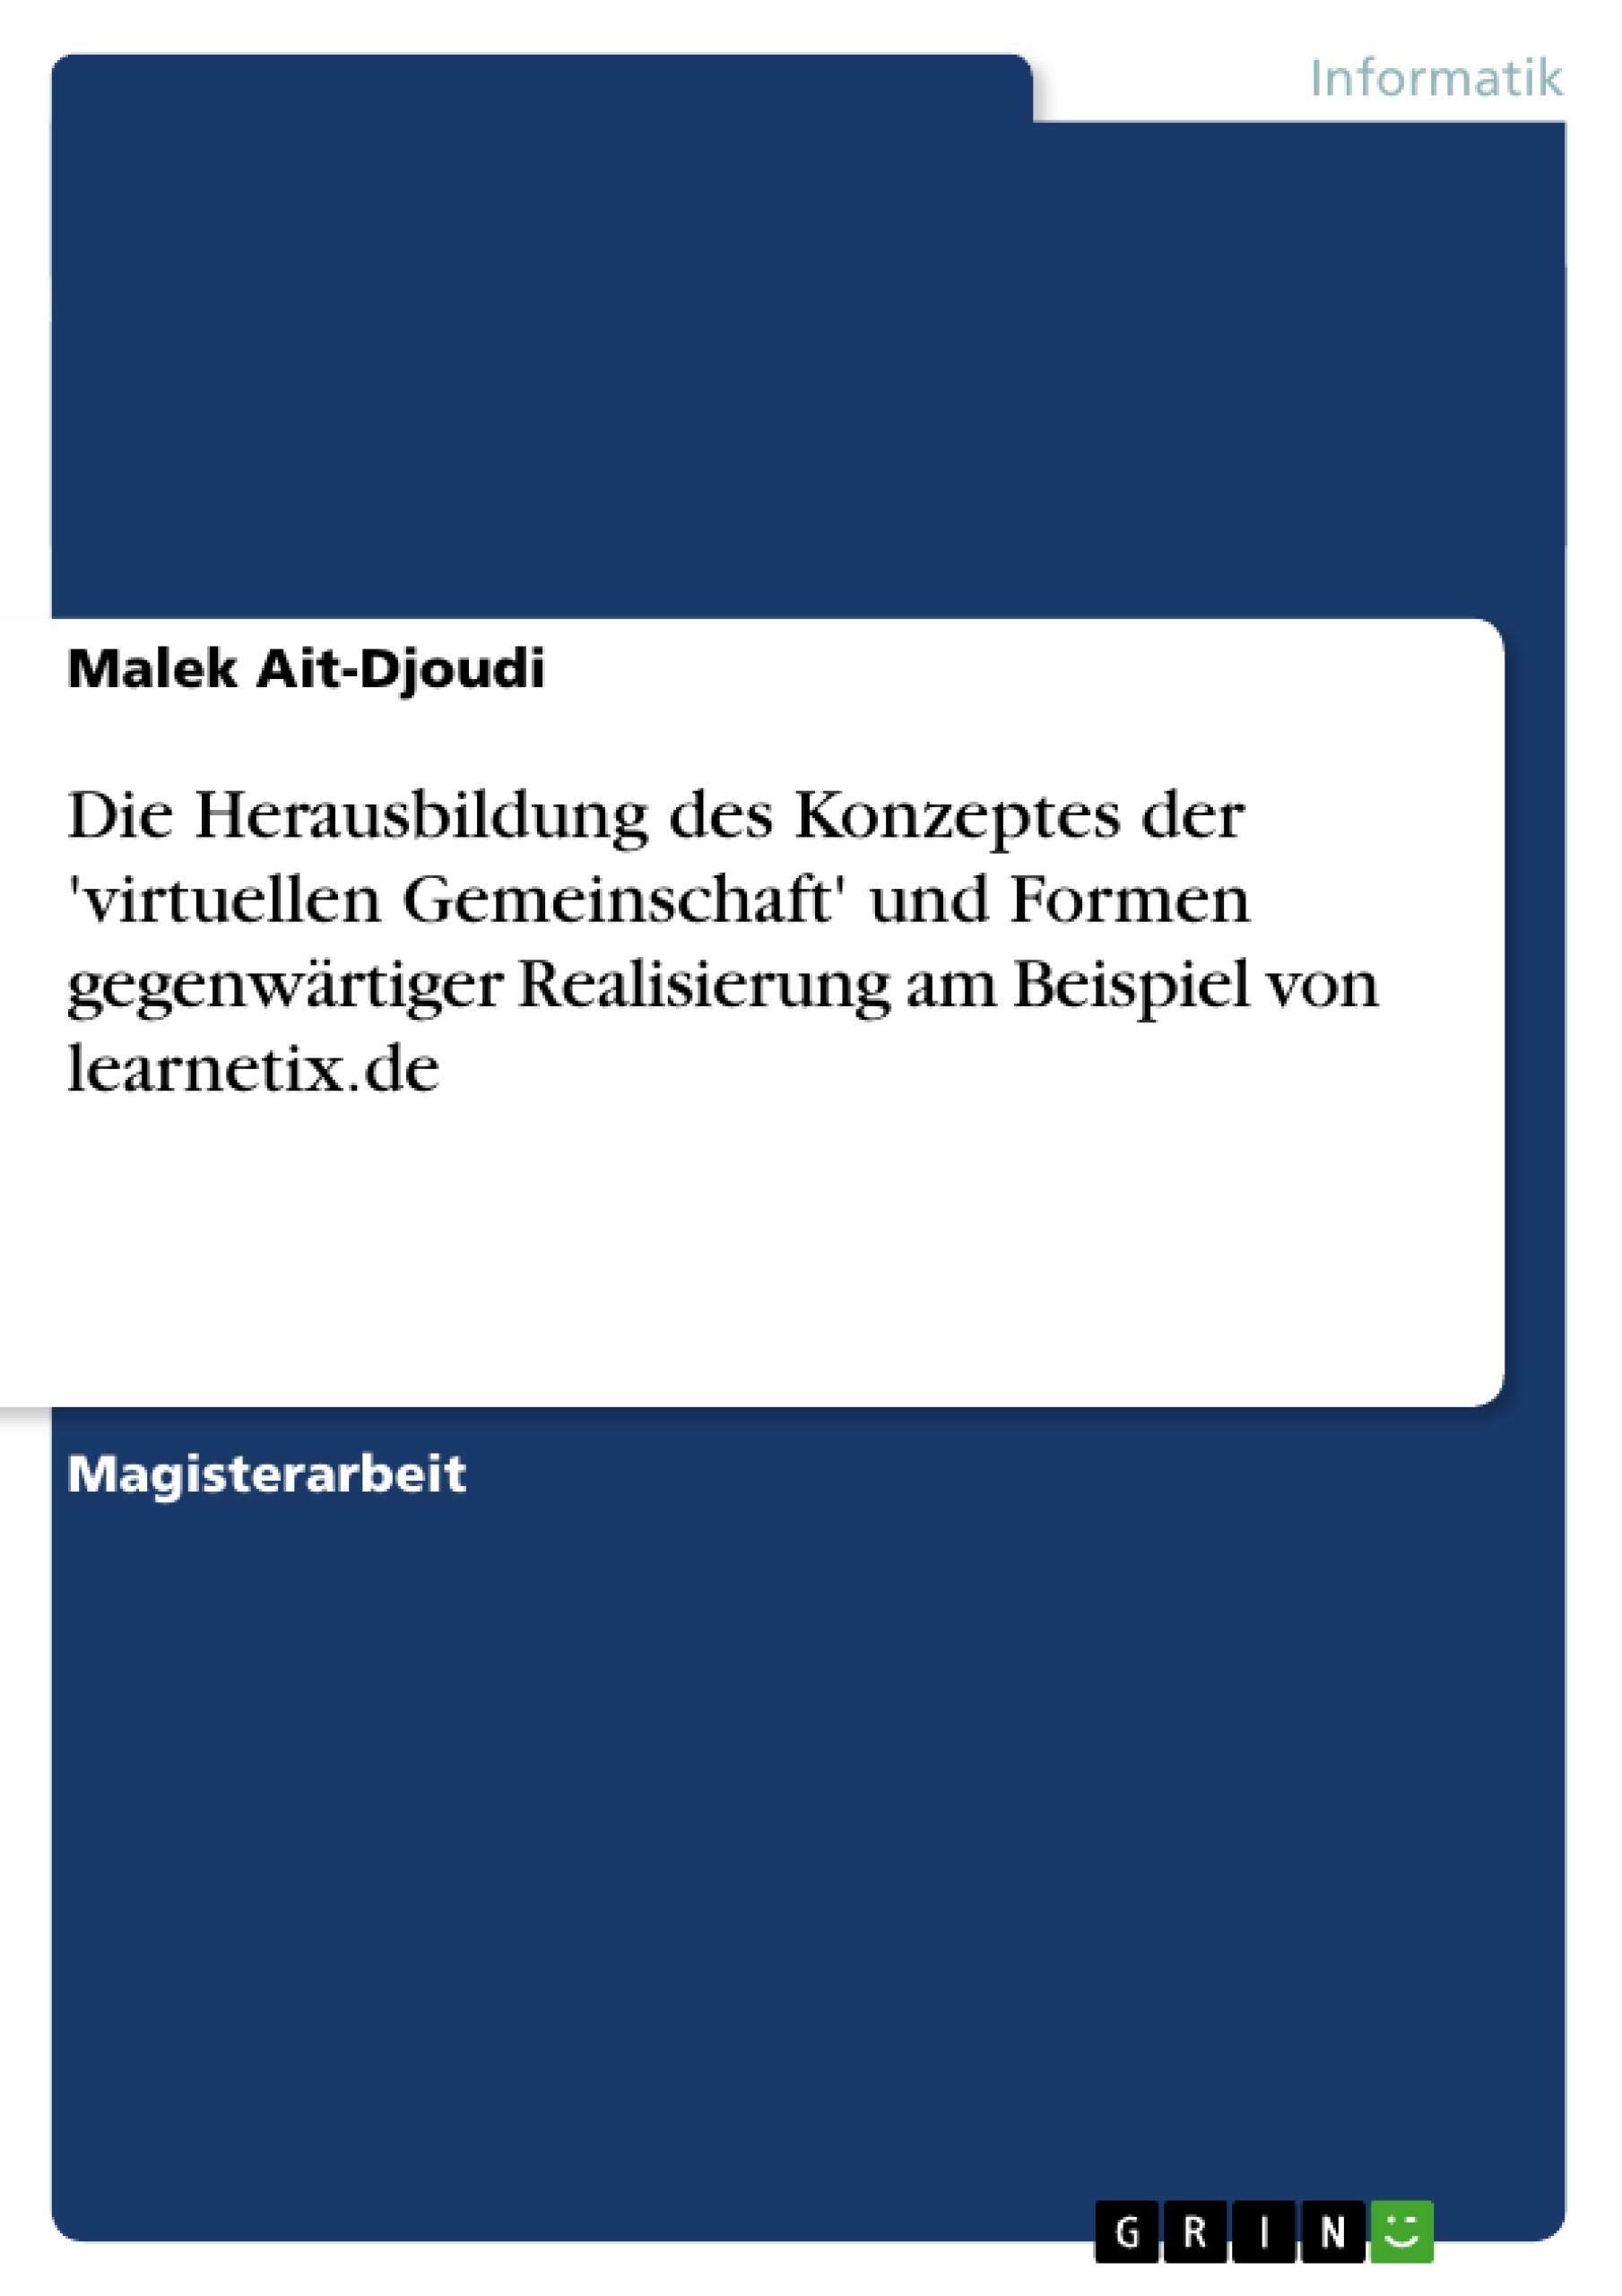 Titel: Die Herausbildung des Konzeptes der 'virtuellen Gemeinschaft' und Formen gegenwärtiger Realisierung am Beispiel von learnetix.de